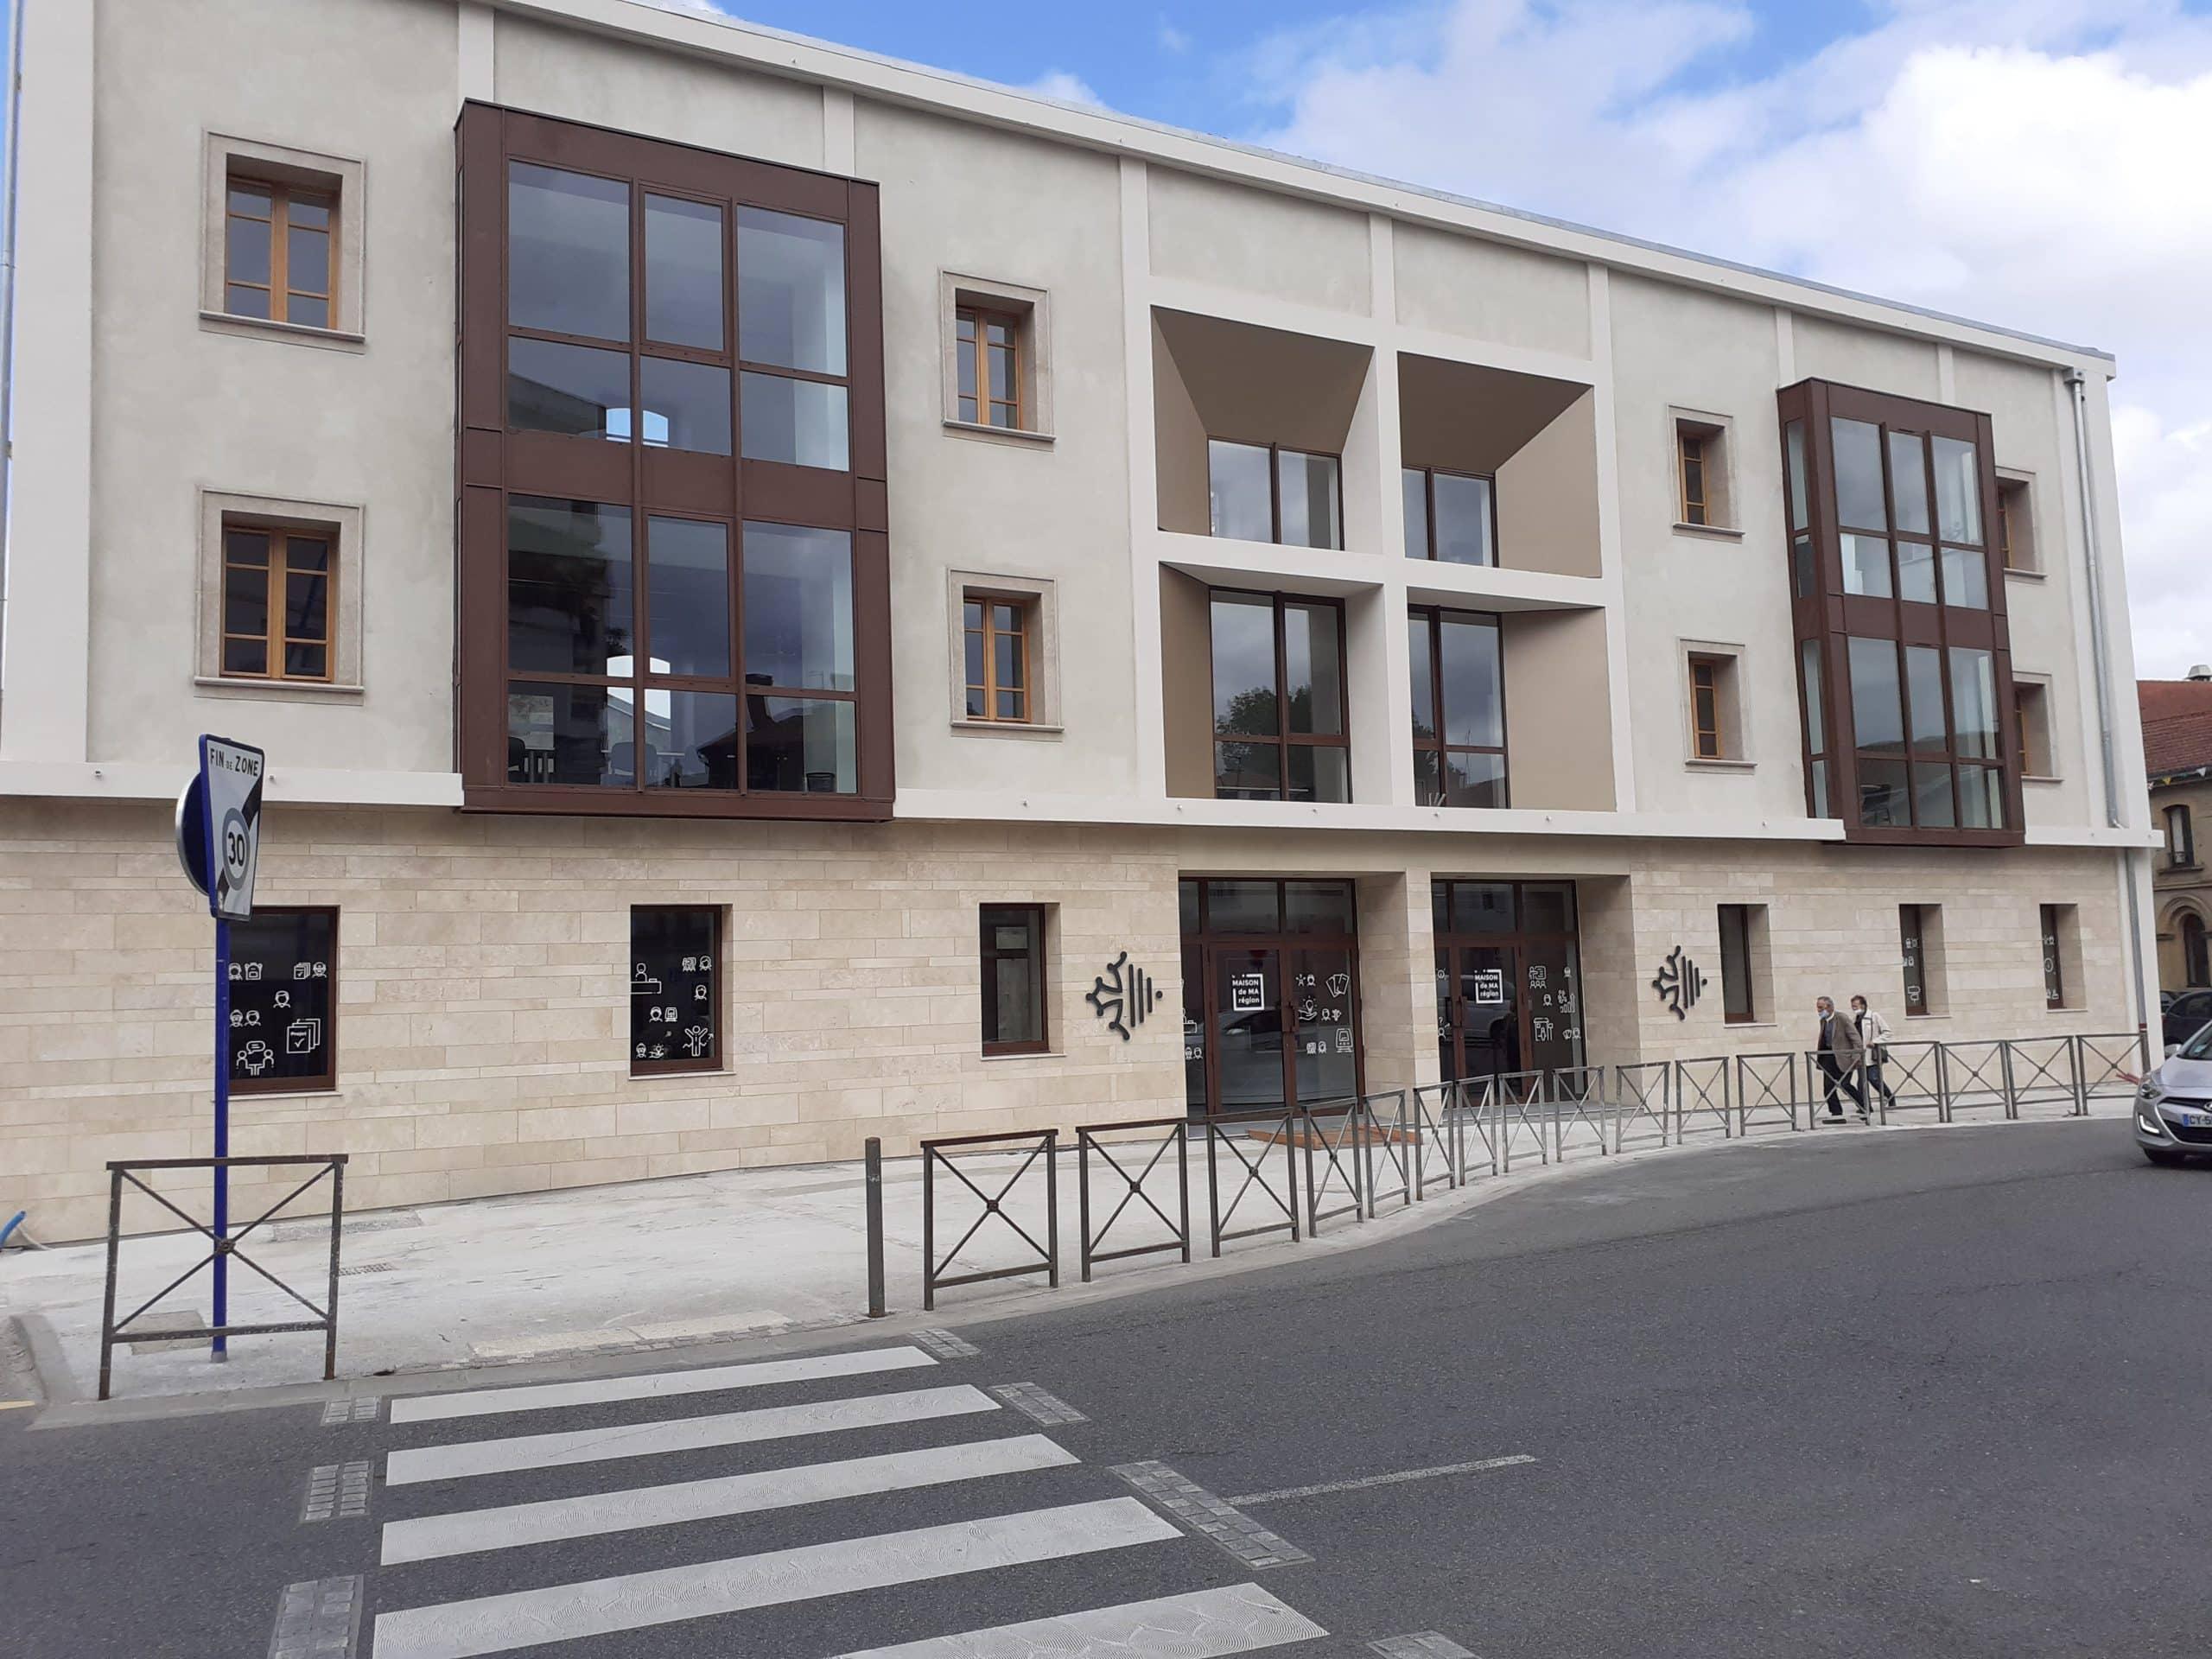 La 17ème Maison de ma Région ouvre à Saint-Gaudens, en Haute-Garonne, pour faciliter l'accès des citoyens aux services publics @RégionOccitanie